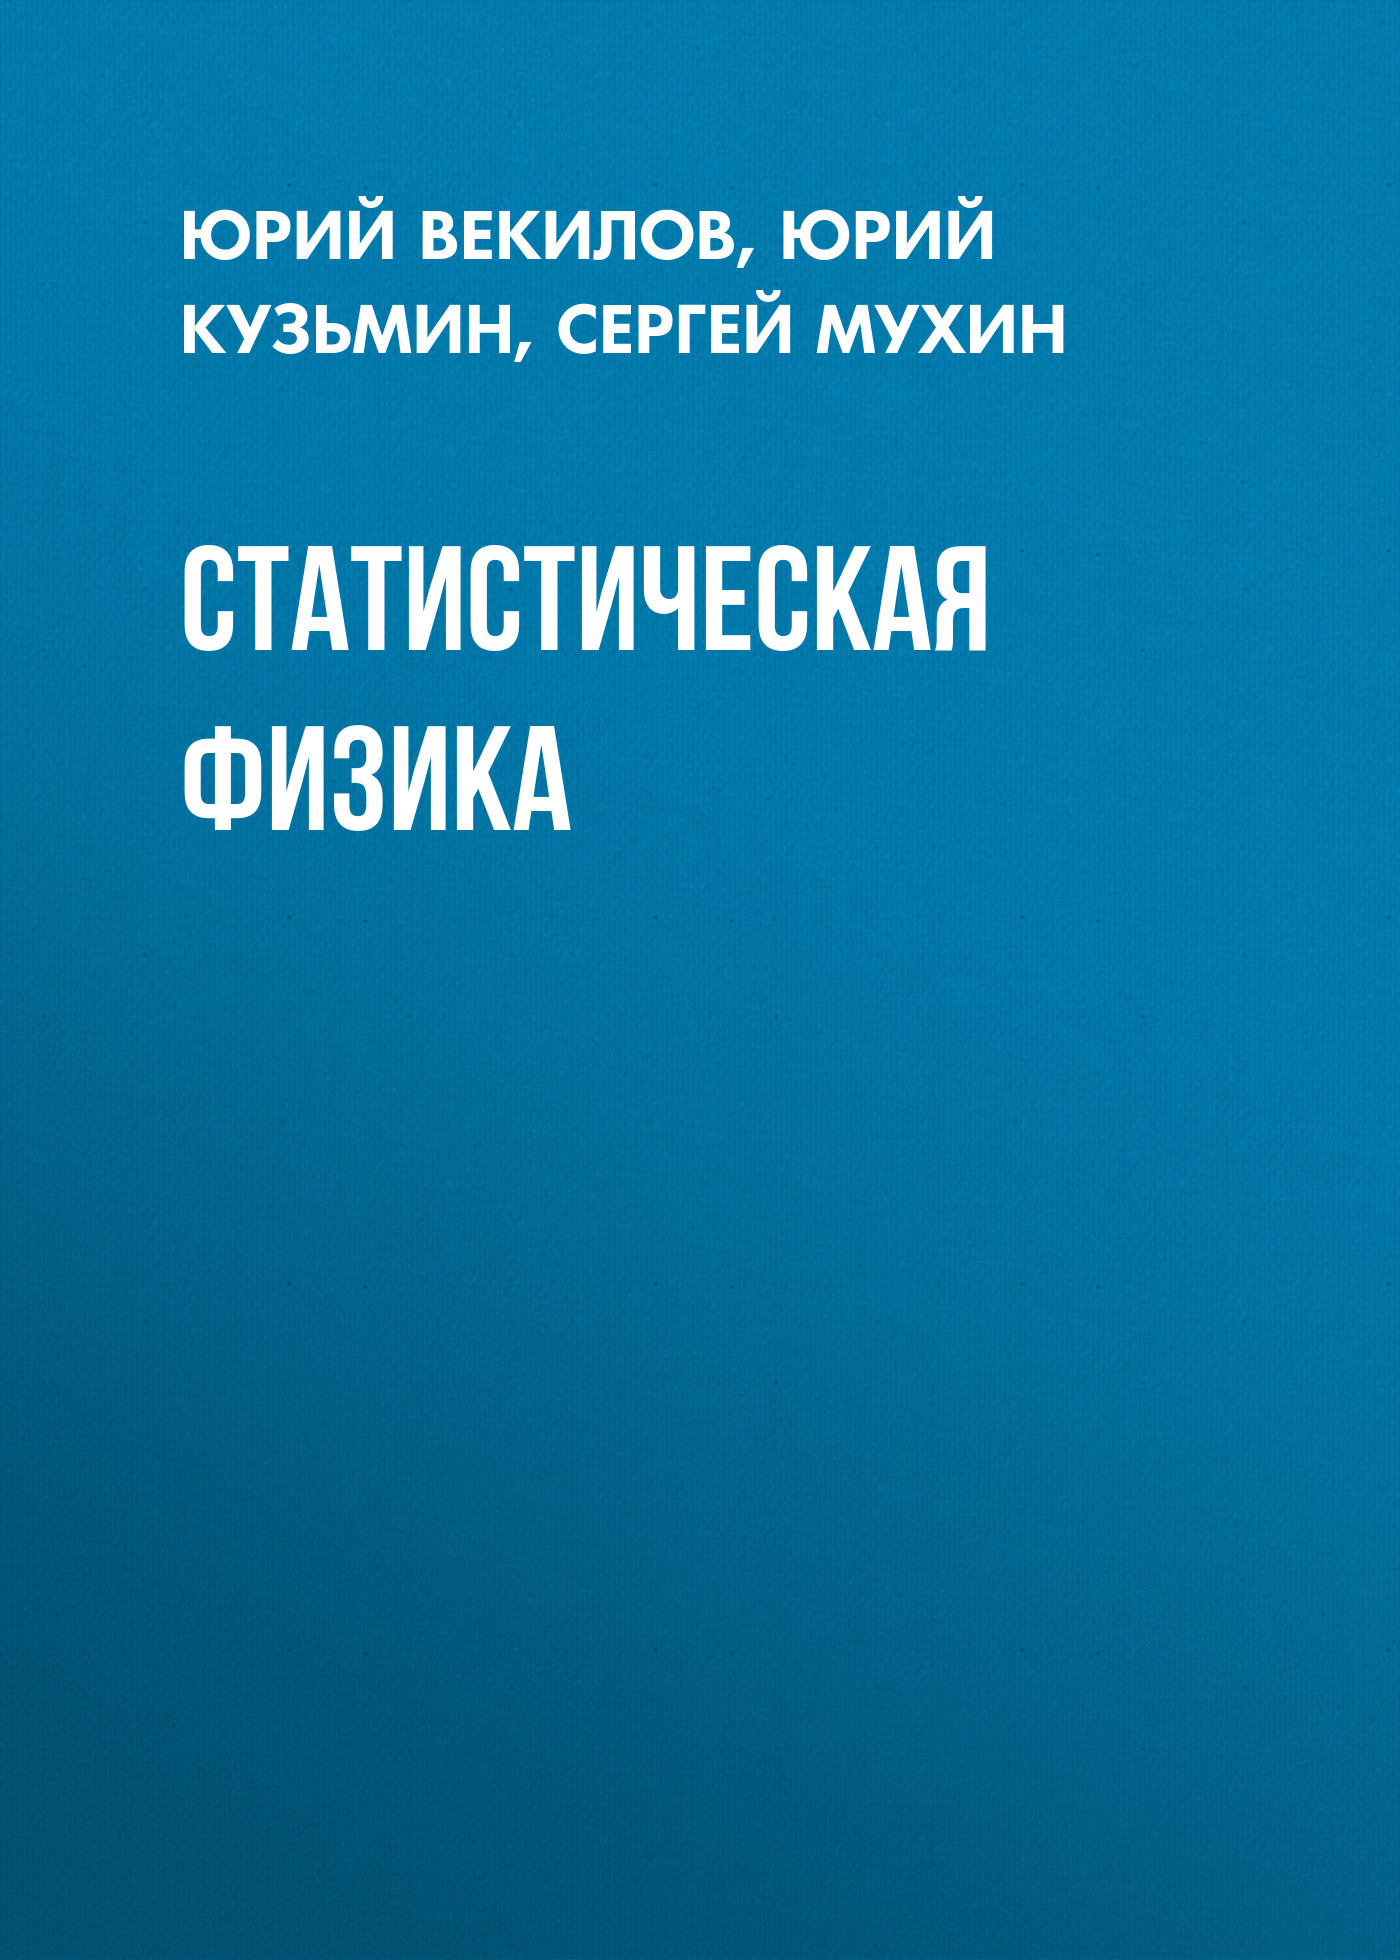 Юрий Векилов. Статистическая физика